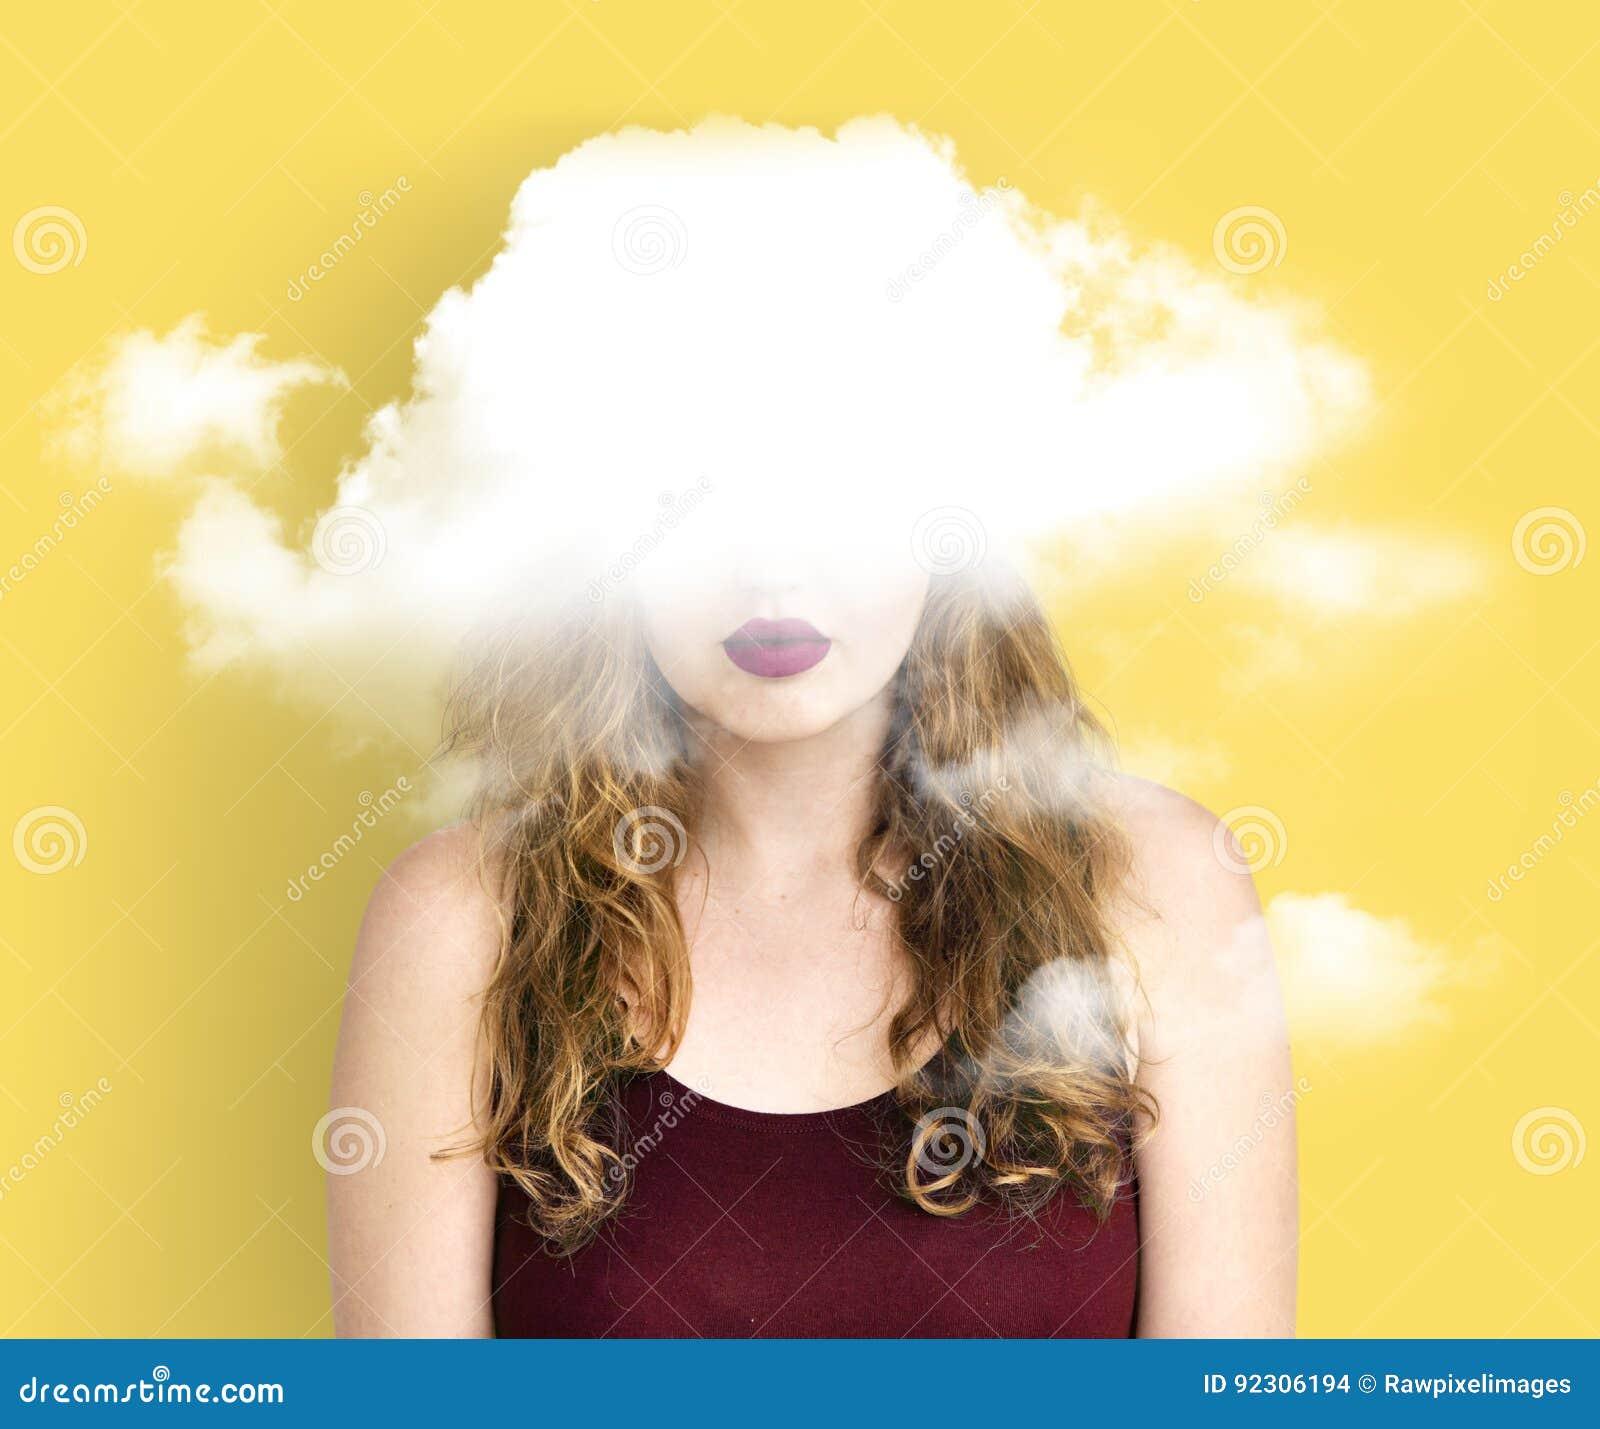 Felicidade escondida nuvem da depressão do dilema